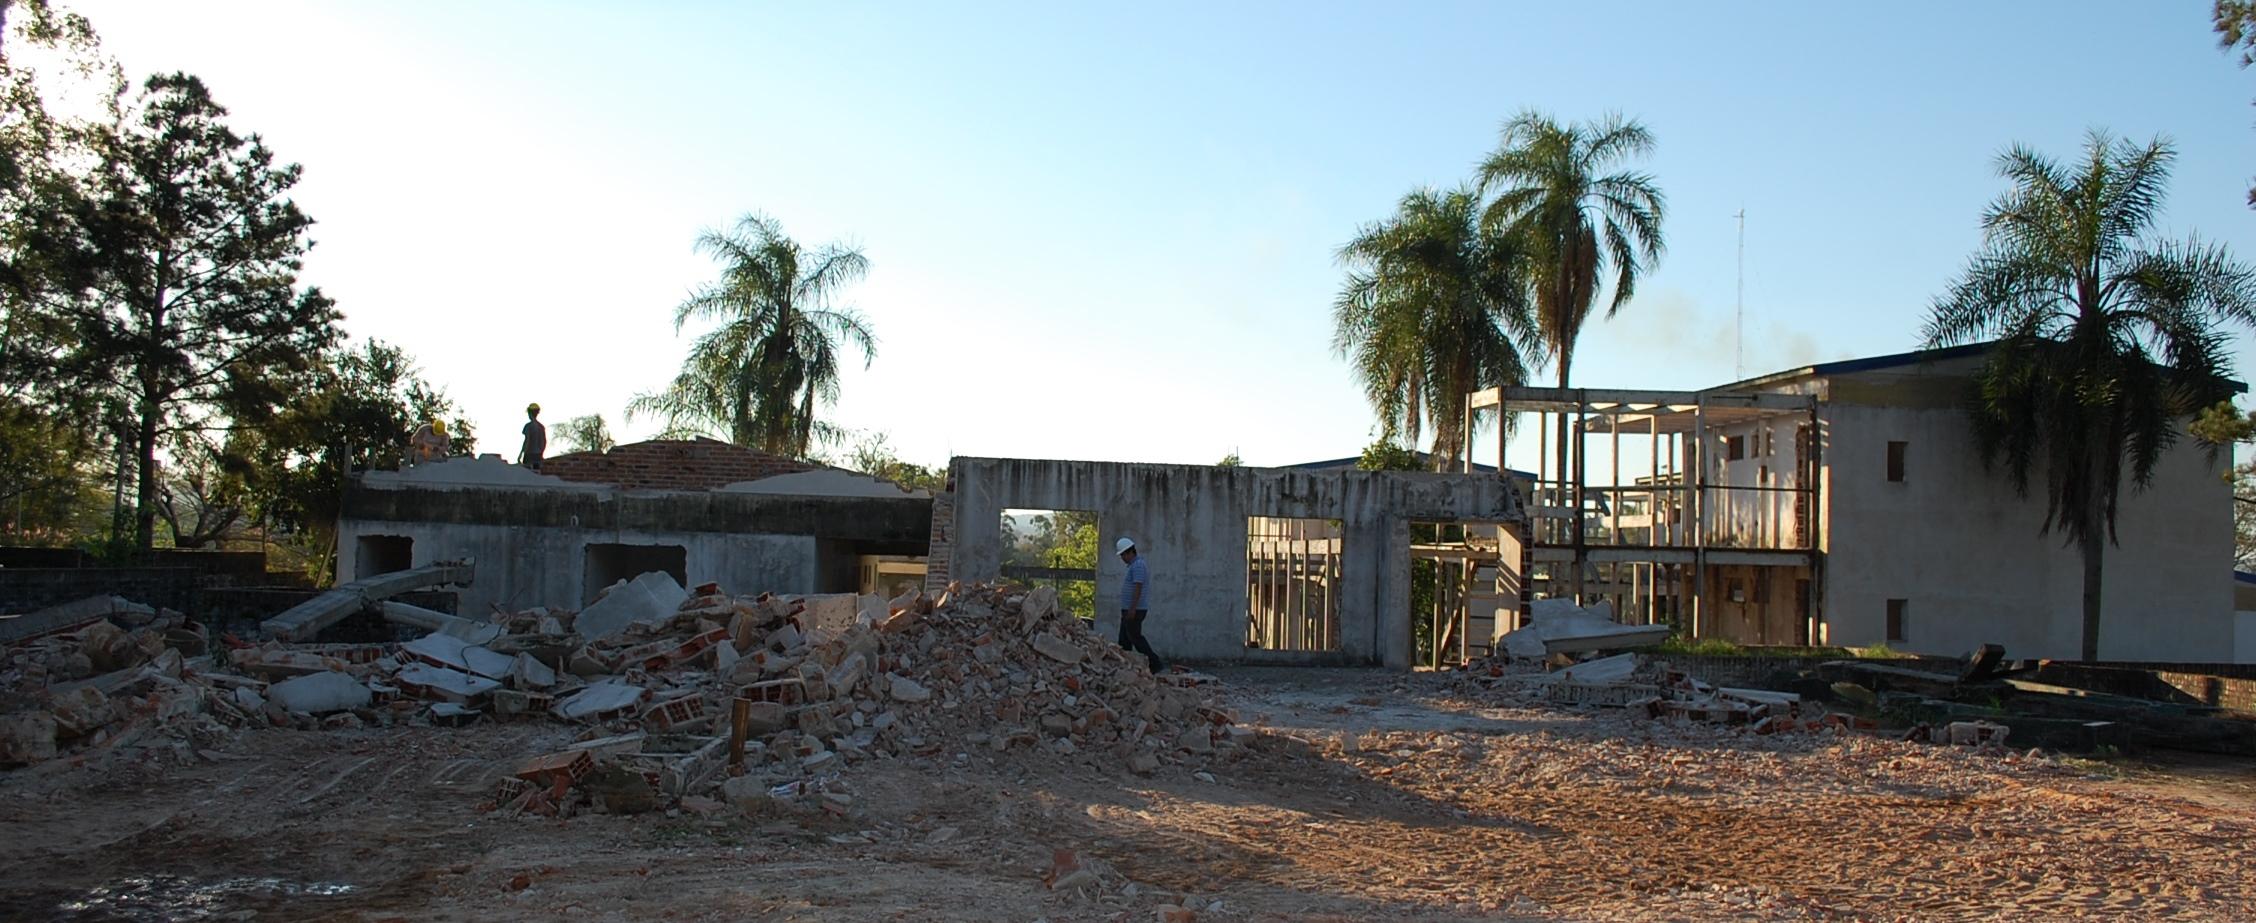 Arrancaron las obras para el nuevo casino hotel en San Javier